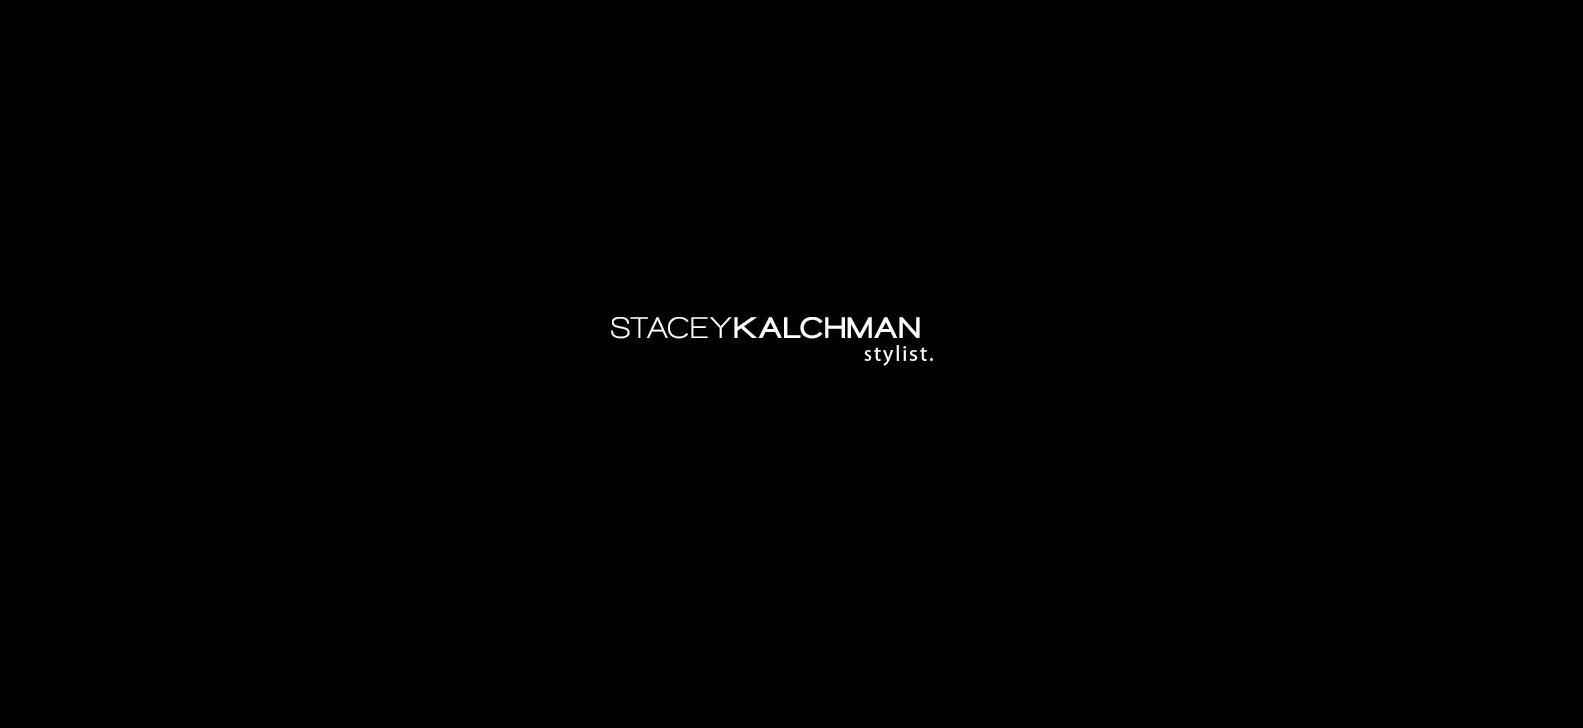 Stacey Kalchman